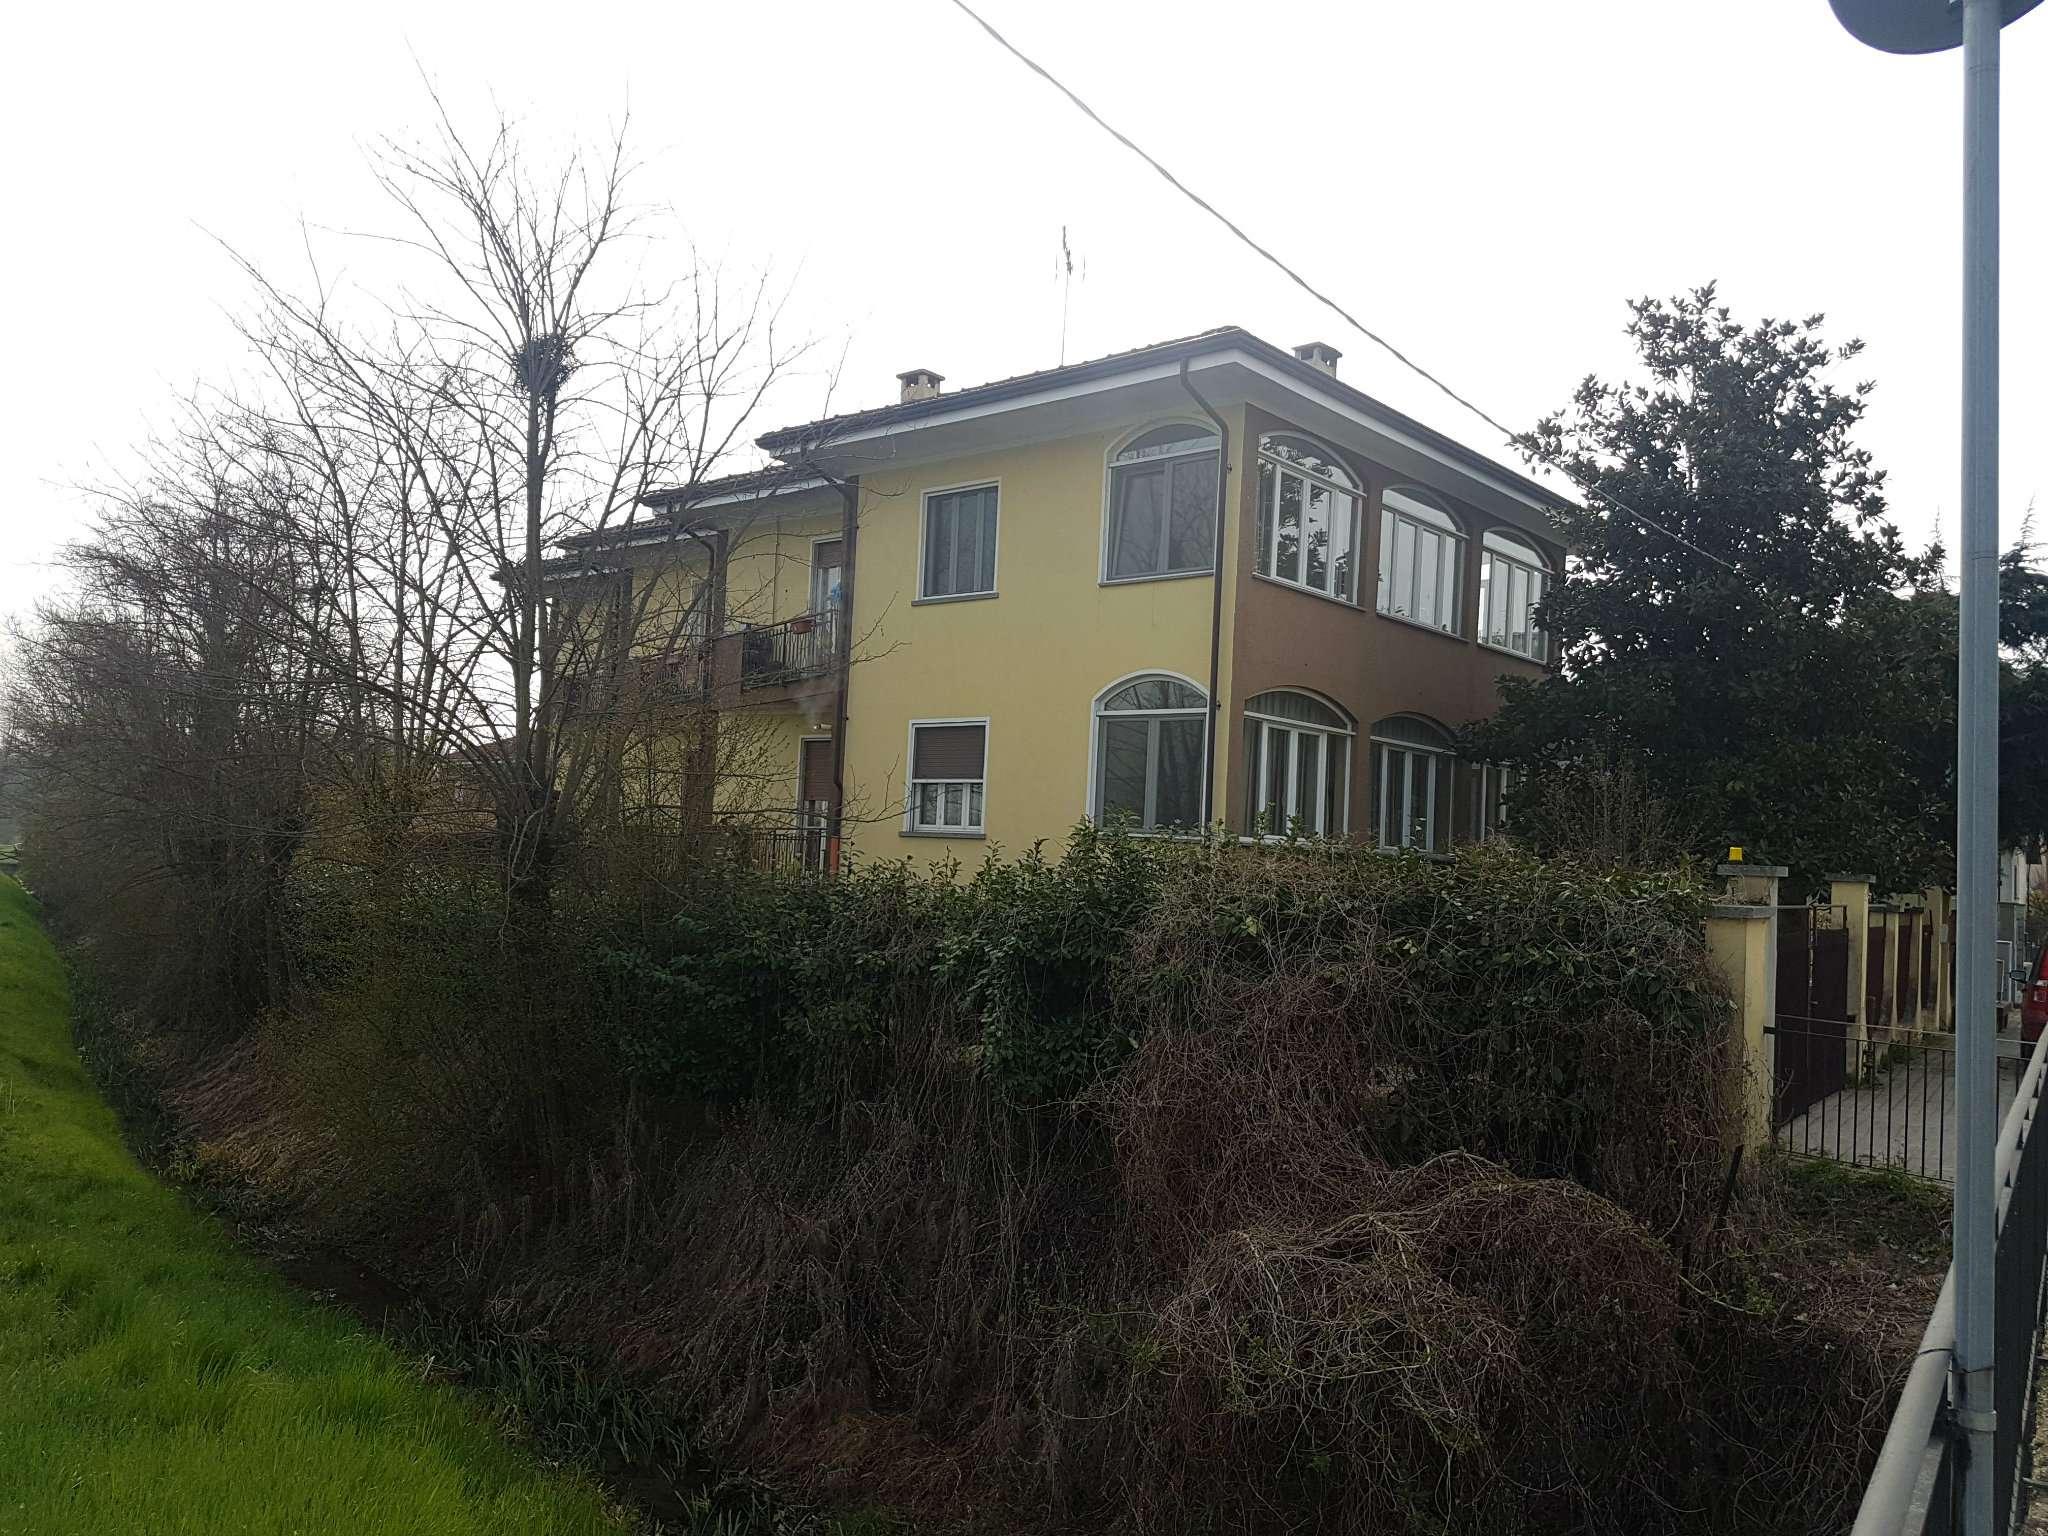 Appartamento in vendita a Cantarana, 3 locali, prezzo € 74.240 | PortaleAgenzieImmobiliari.it